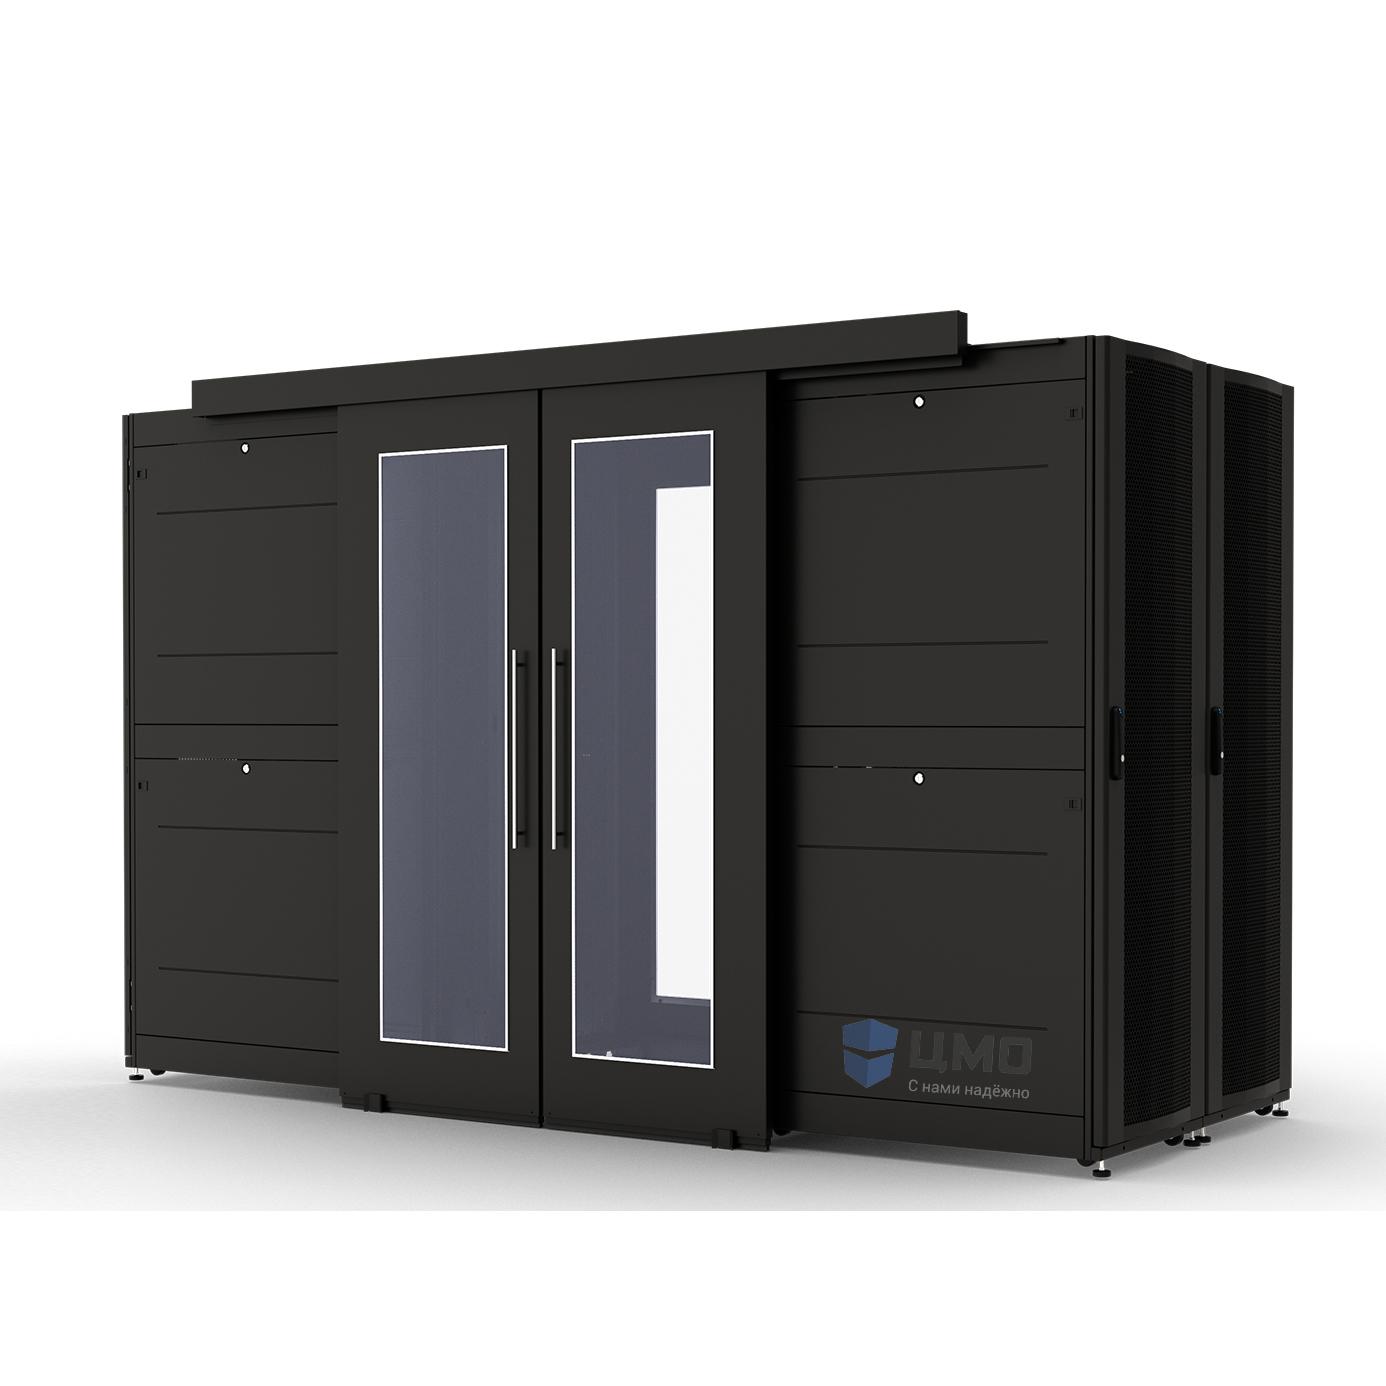 Двери коридора со стеклом сдвижные 42U ЦМО ЦОД-СП-Д-42.1250-9005